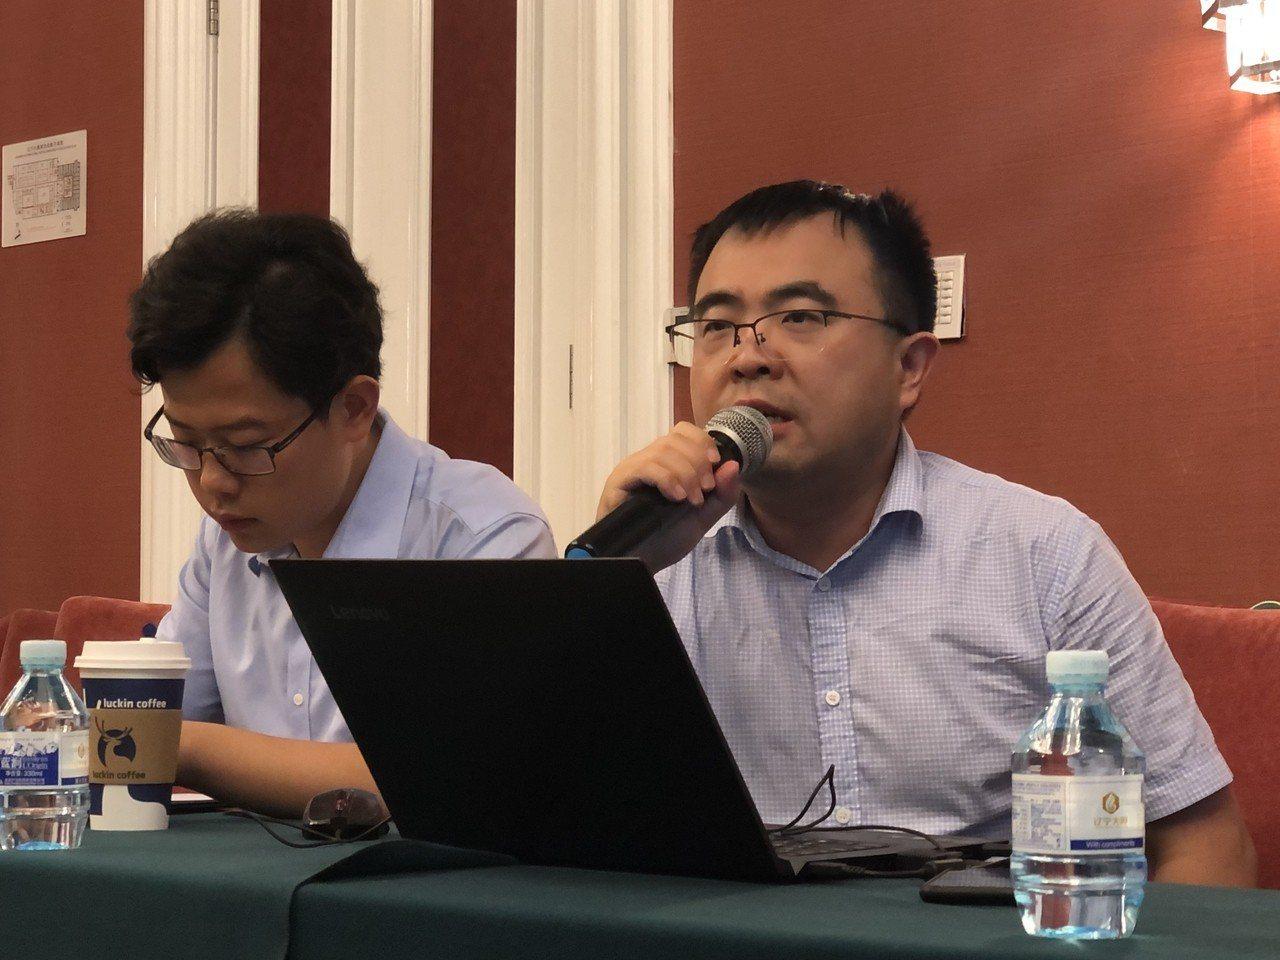 西南政法大學國際法學院副教授謝小慶(右)指出,「一個中國」原則規範性不足,不足以...